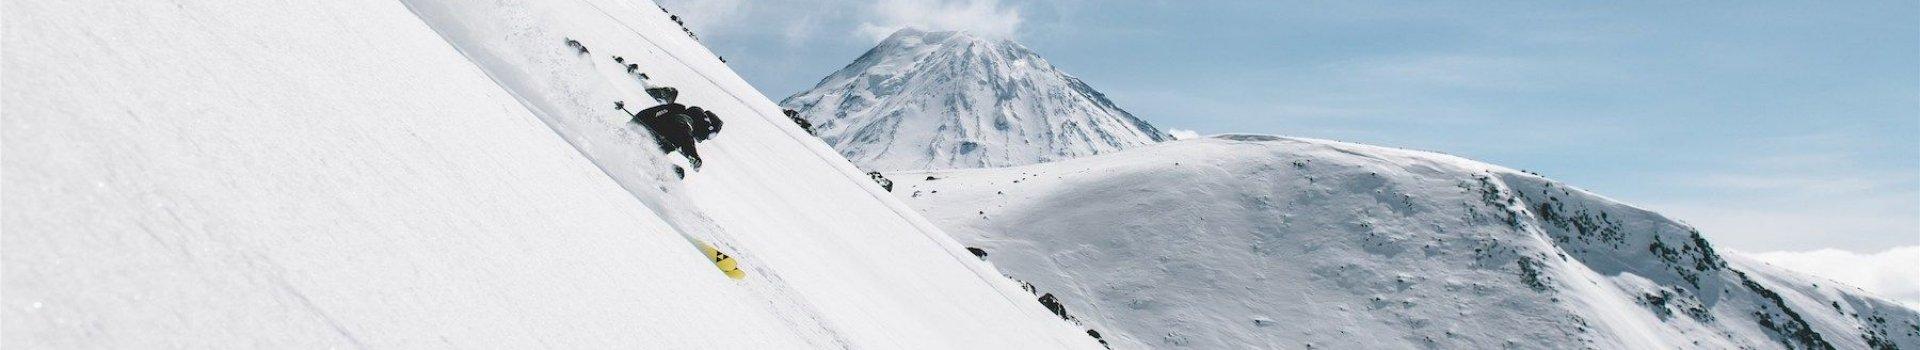 Odzież narciarska - jak znaleźć kompromis pomiędzy ceną a jakością?